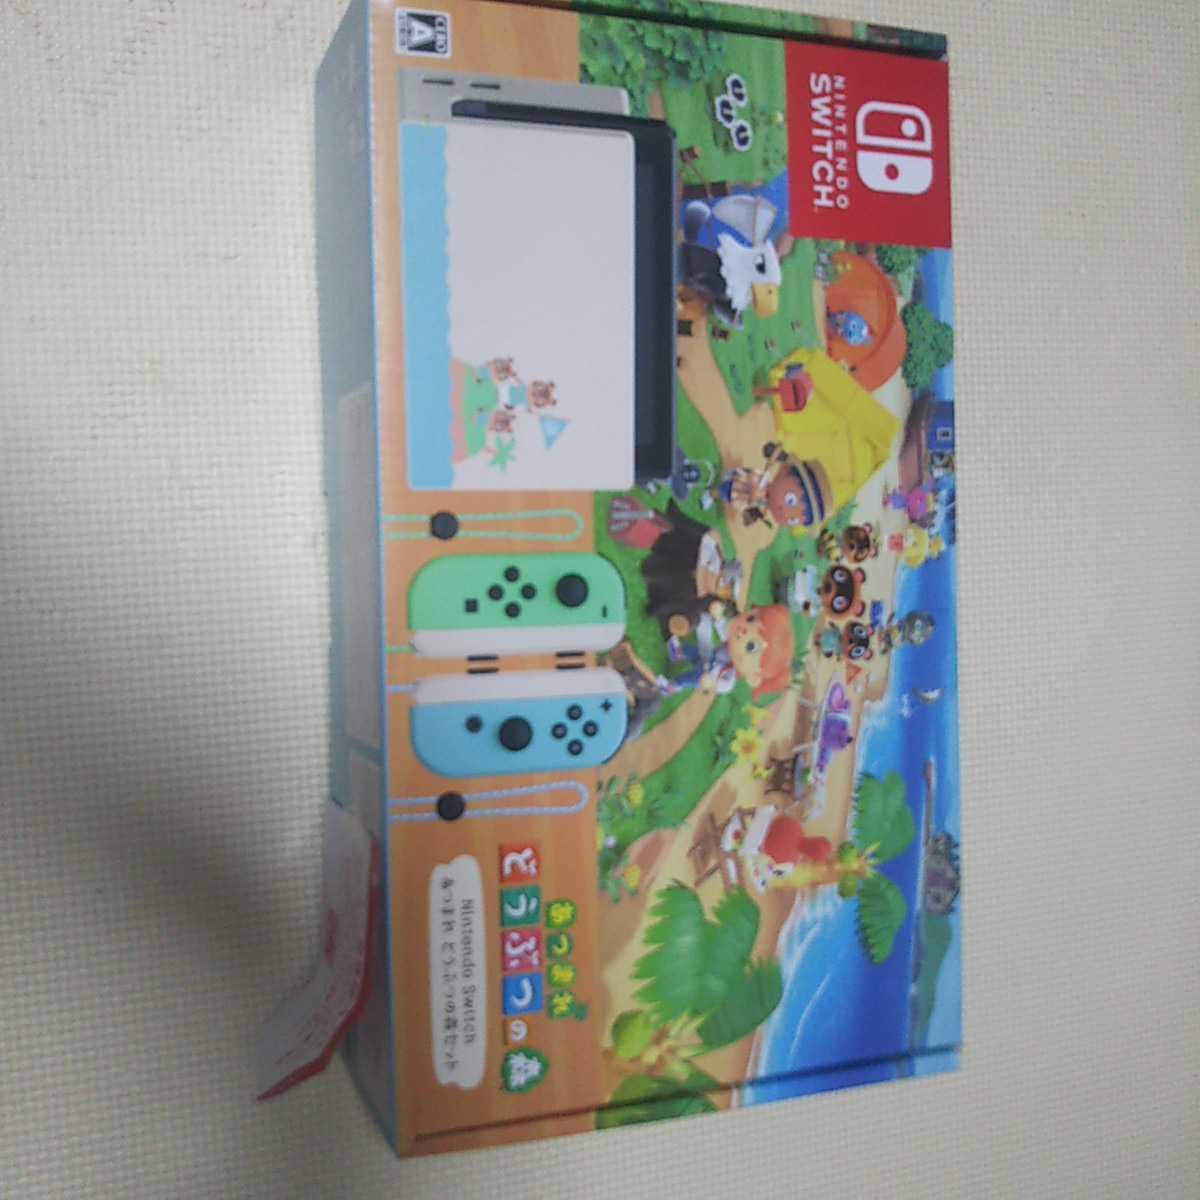 Nintendo Switch あつまれどうぶつの森セット 未開封 ニンテンドー スイッチ